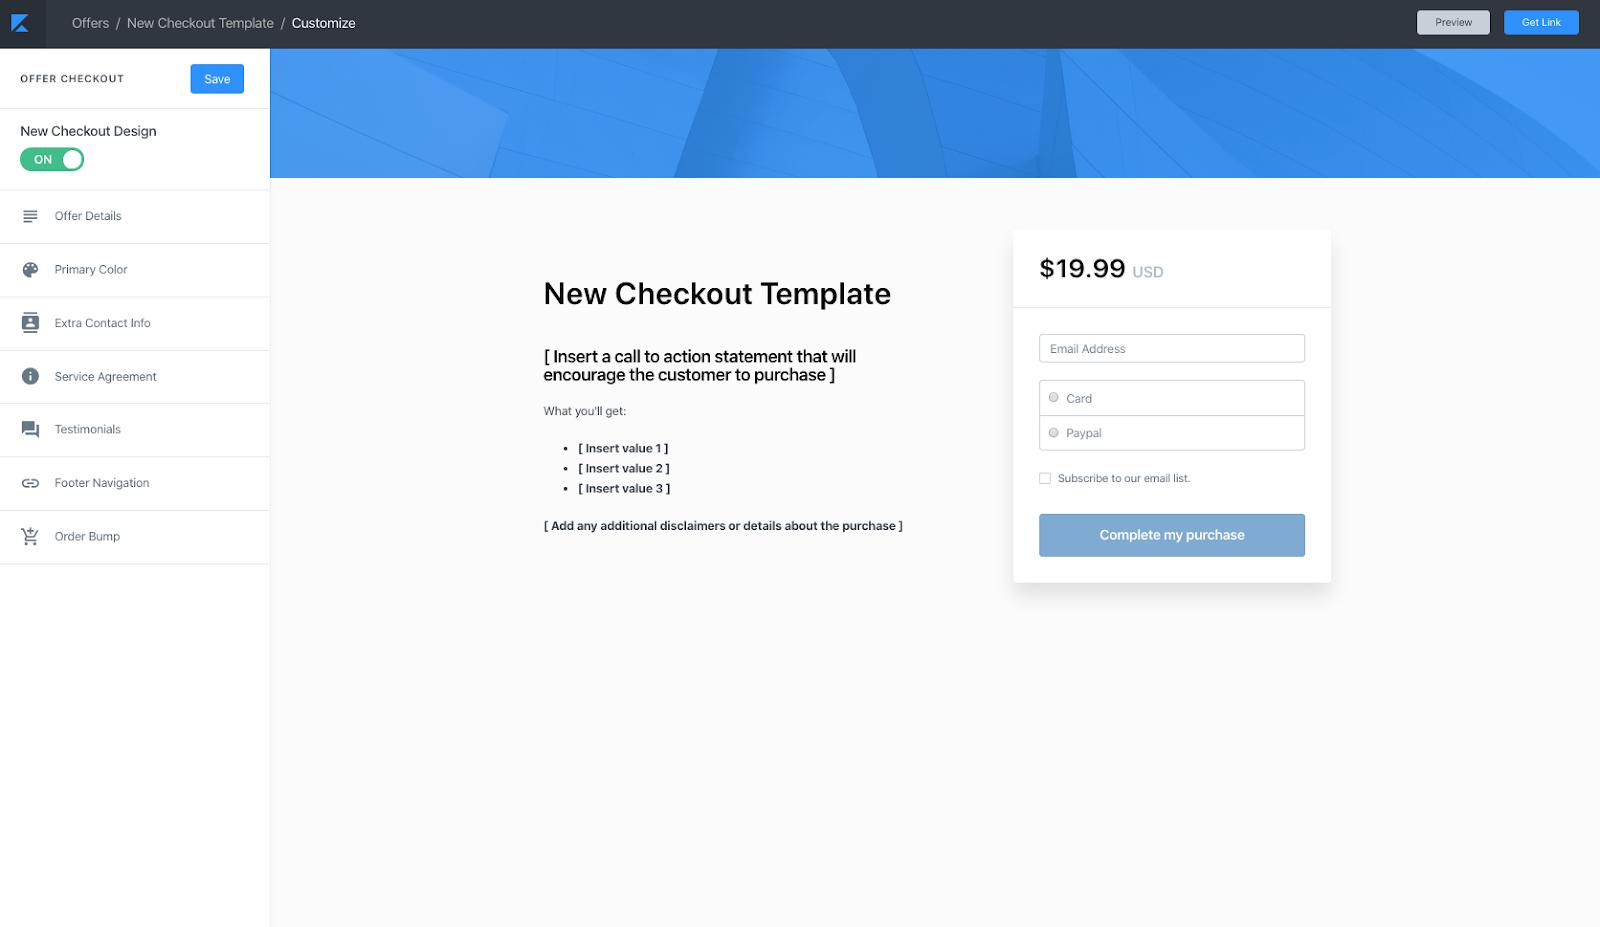 Offer checkout customization page in Kajabi app